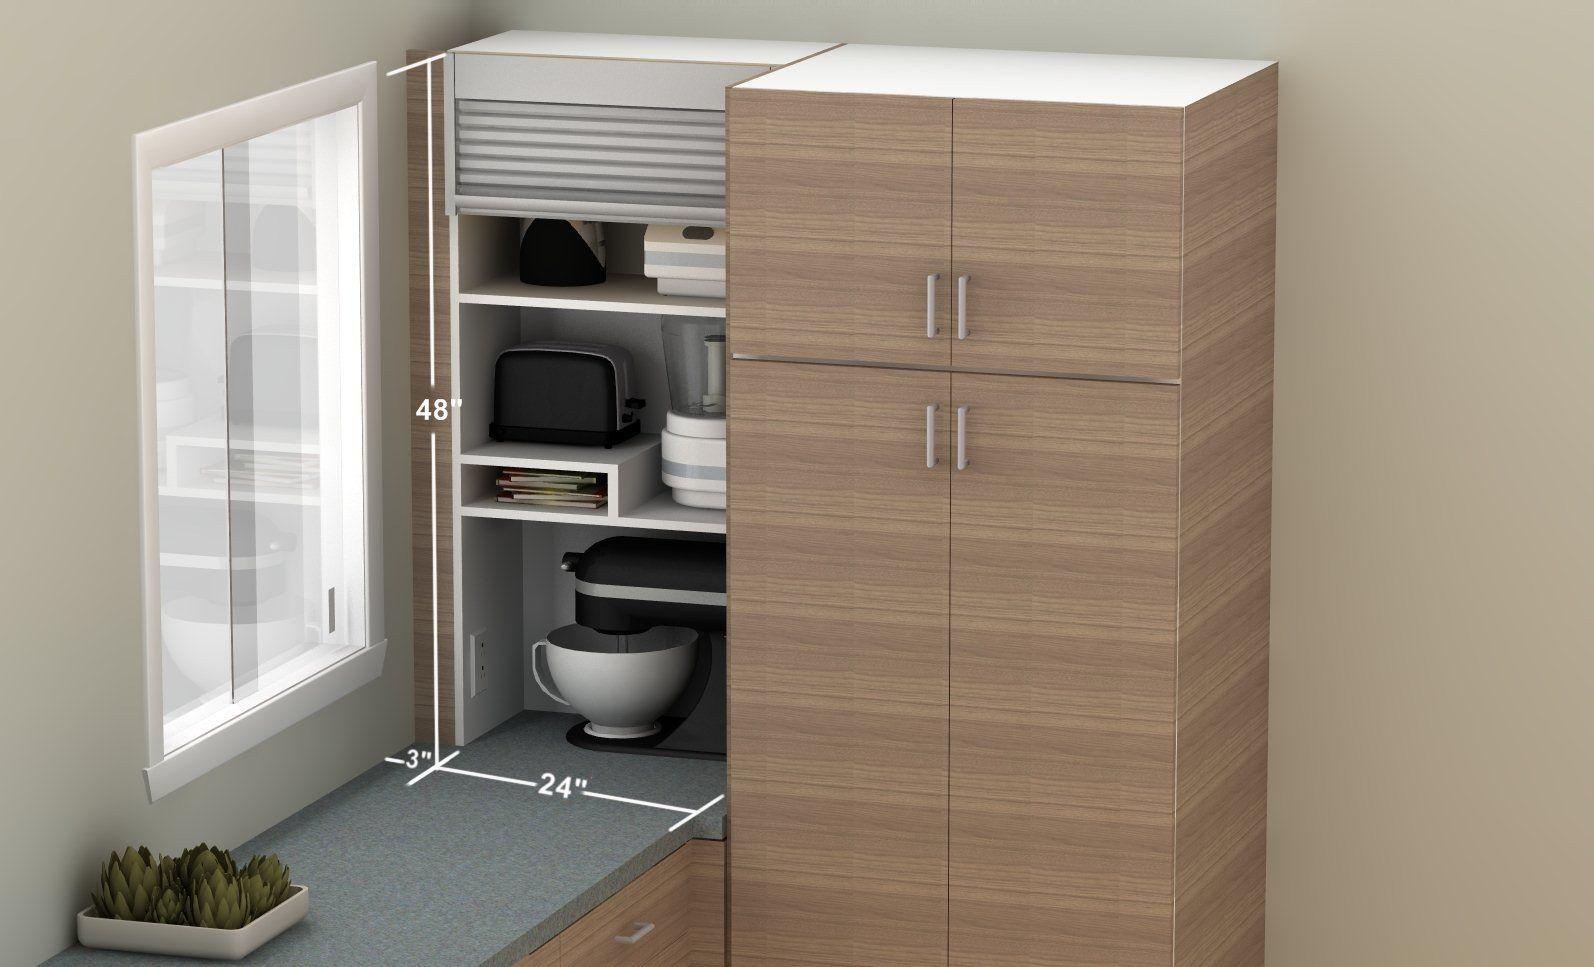 Ikea Hack Build Your Own Kitchen Appliance Garage Online